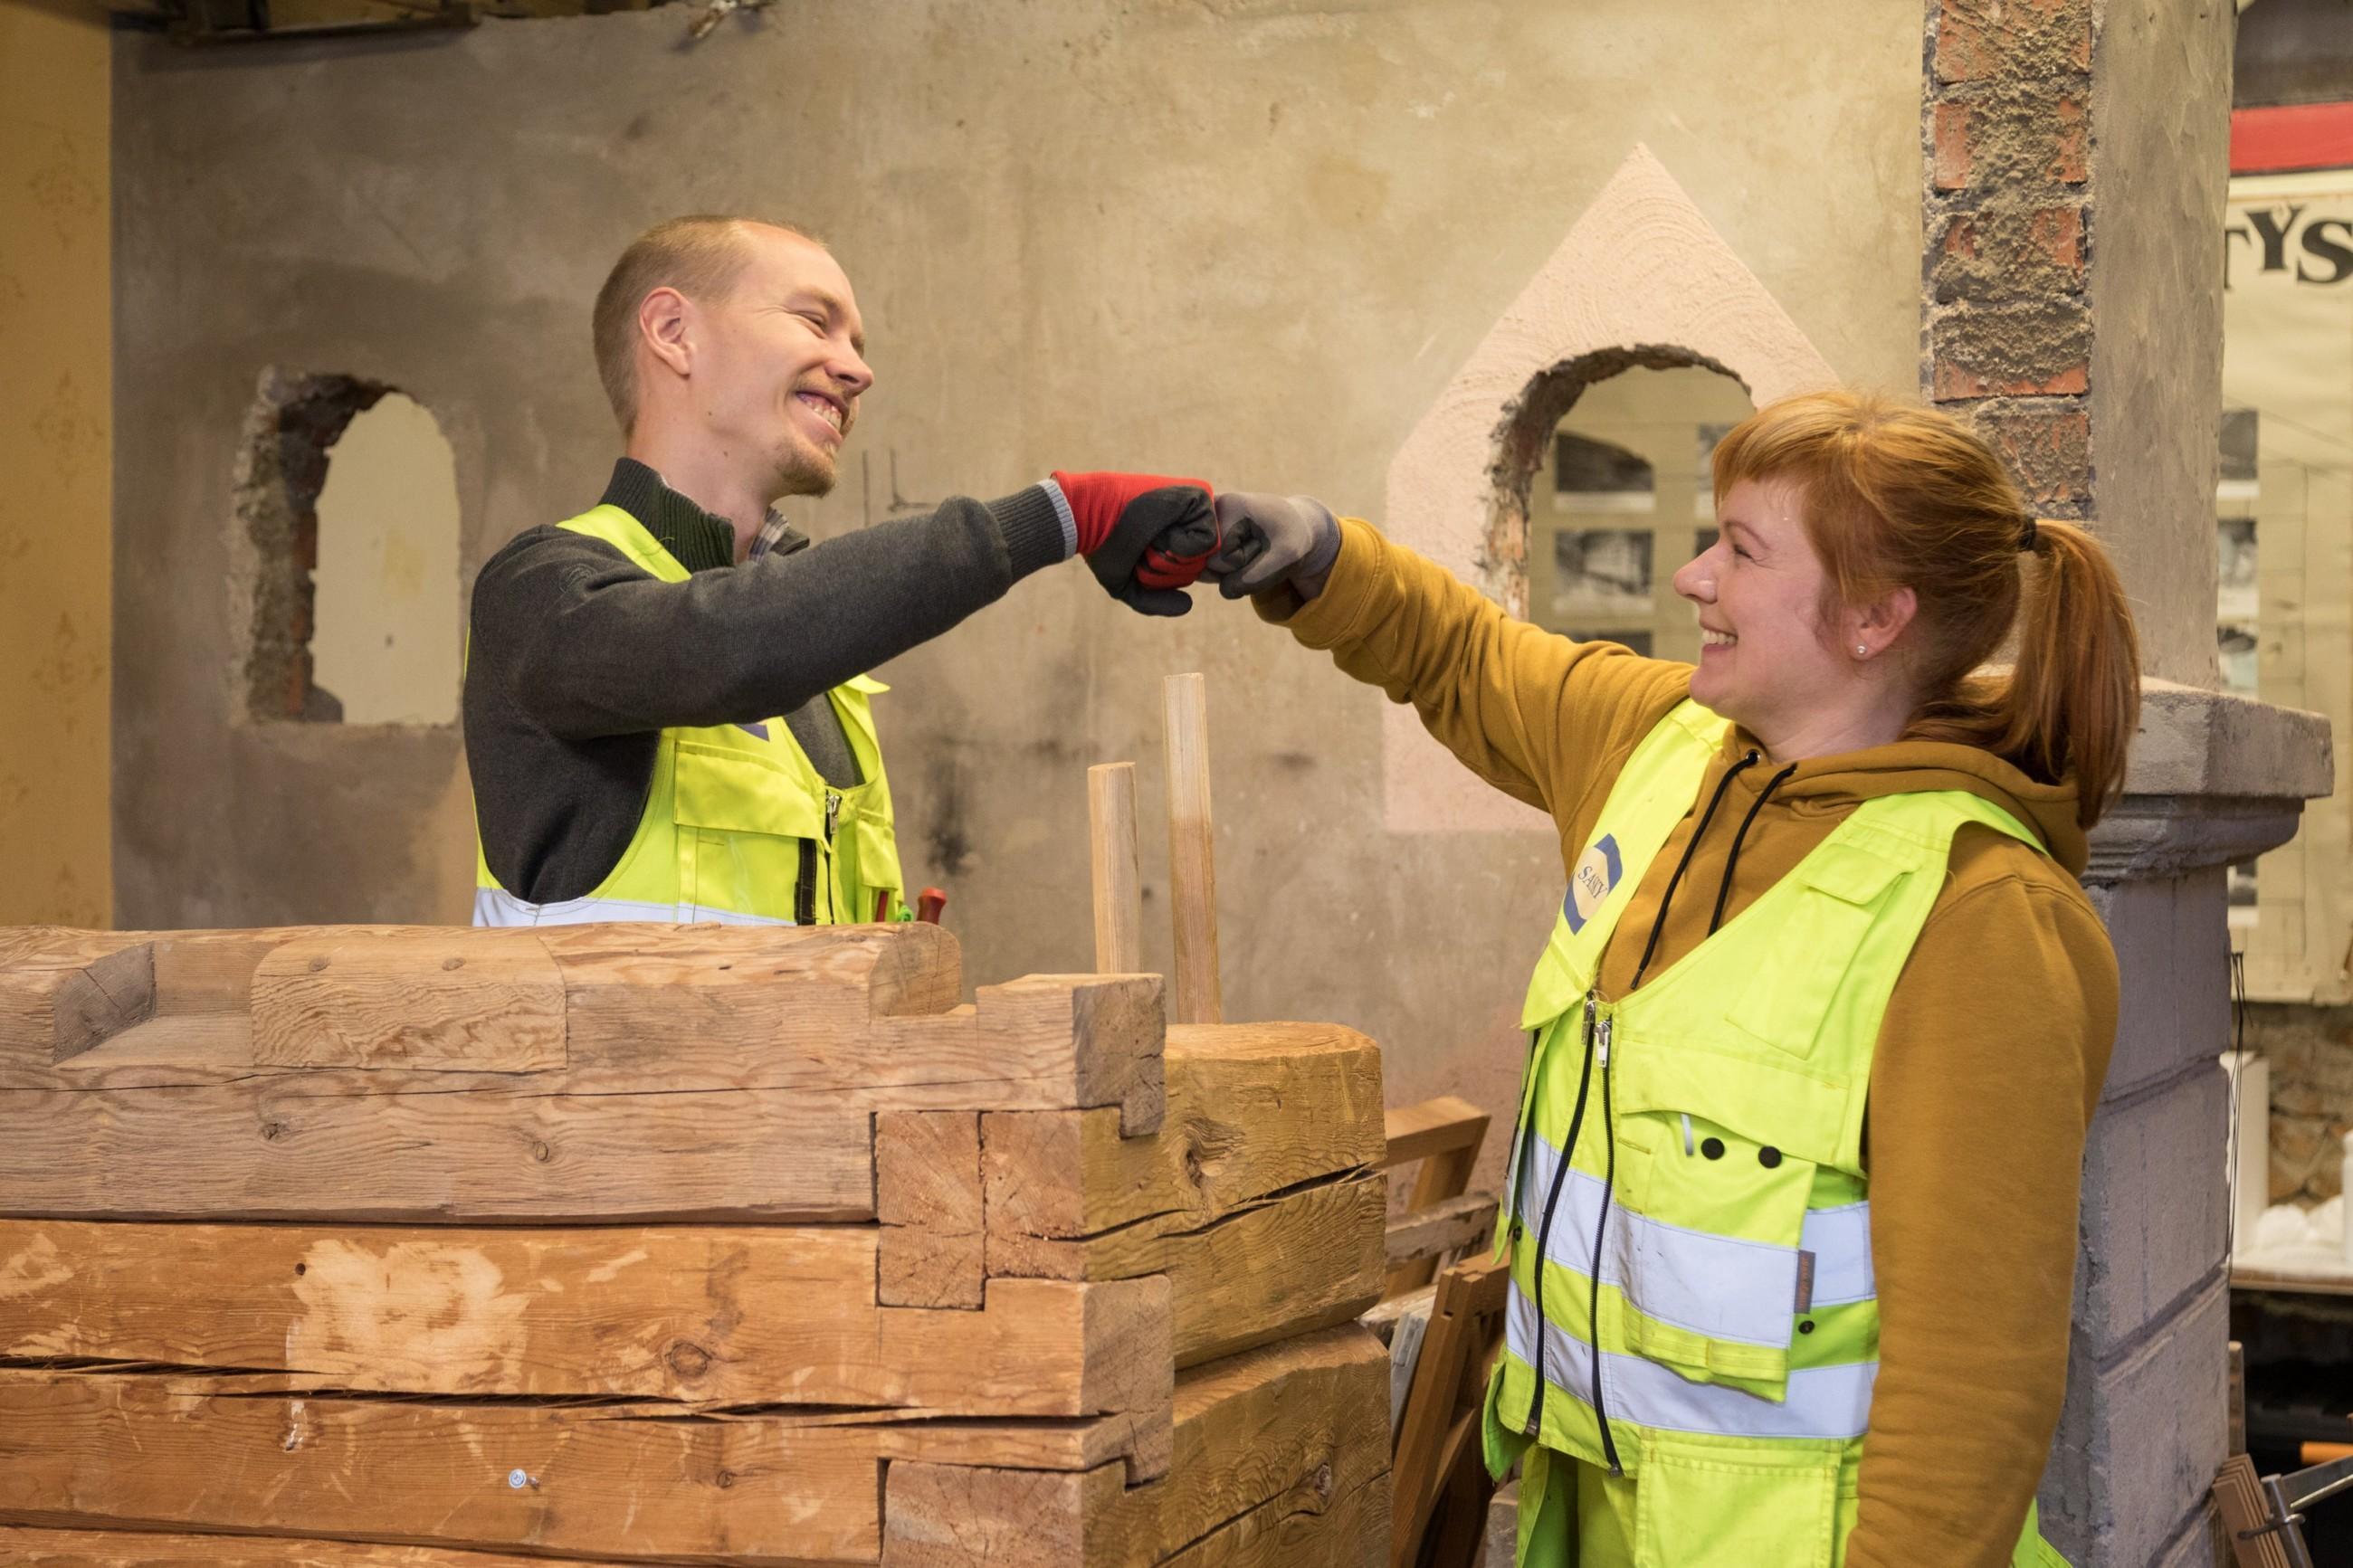 Kaksi henkilöä työhaalareissa tervehtii toisiaan ja hymyilevät, kuvassa henkilöiden välissä hirsirakennelma.